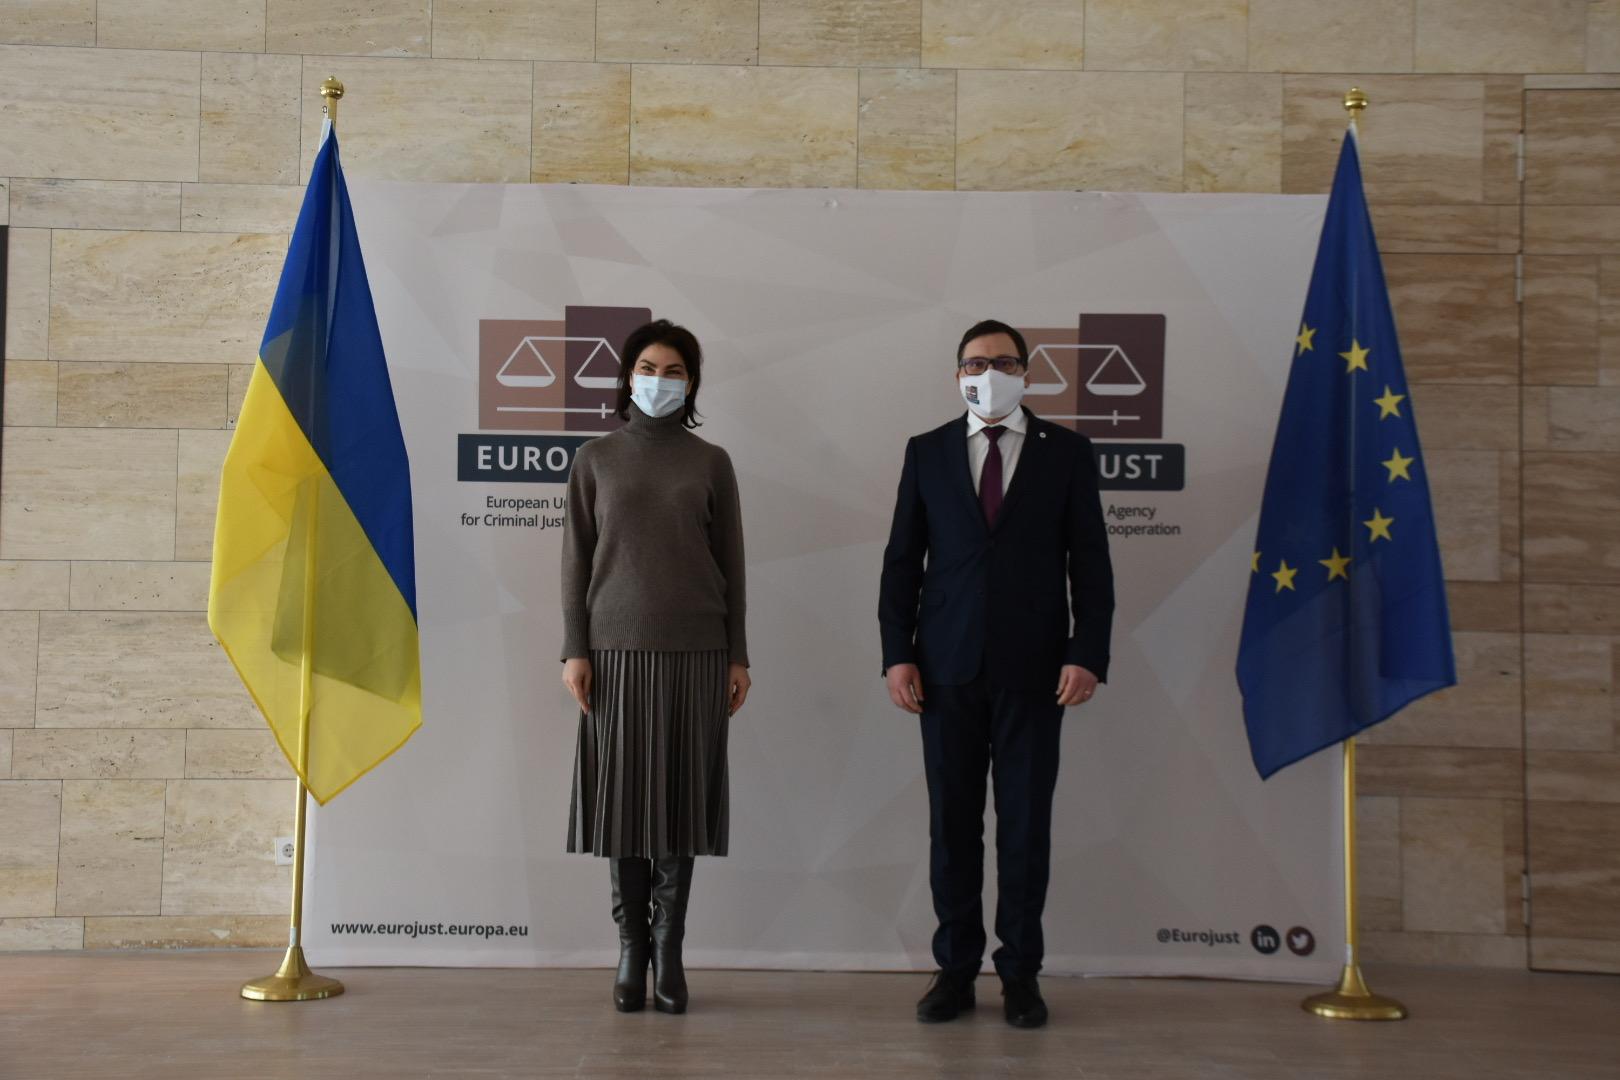 Венедиктова встретилась с президентом Евроюста Ладиславом Хамраном